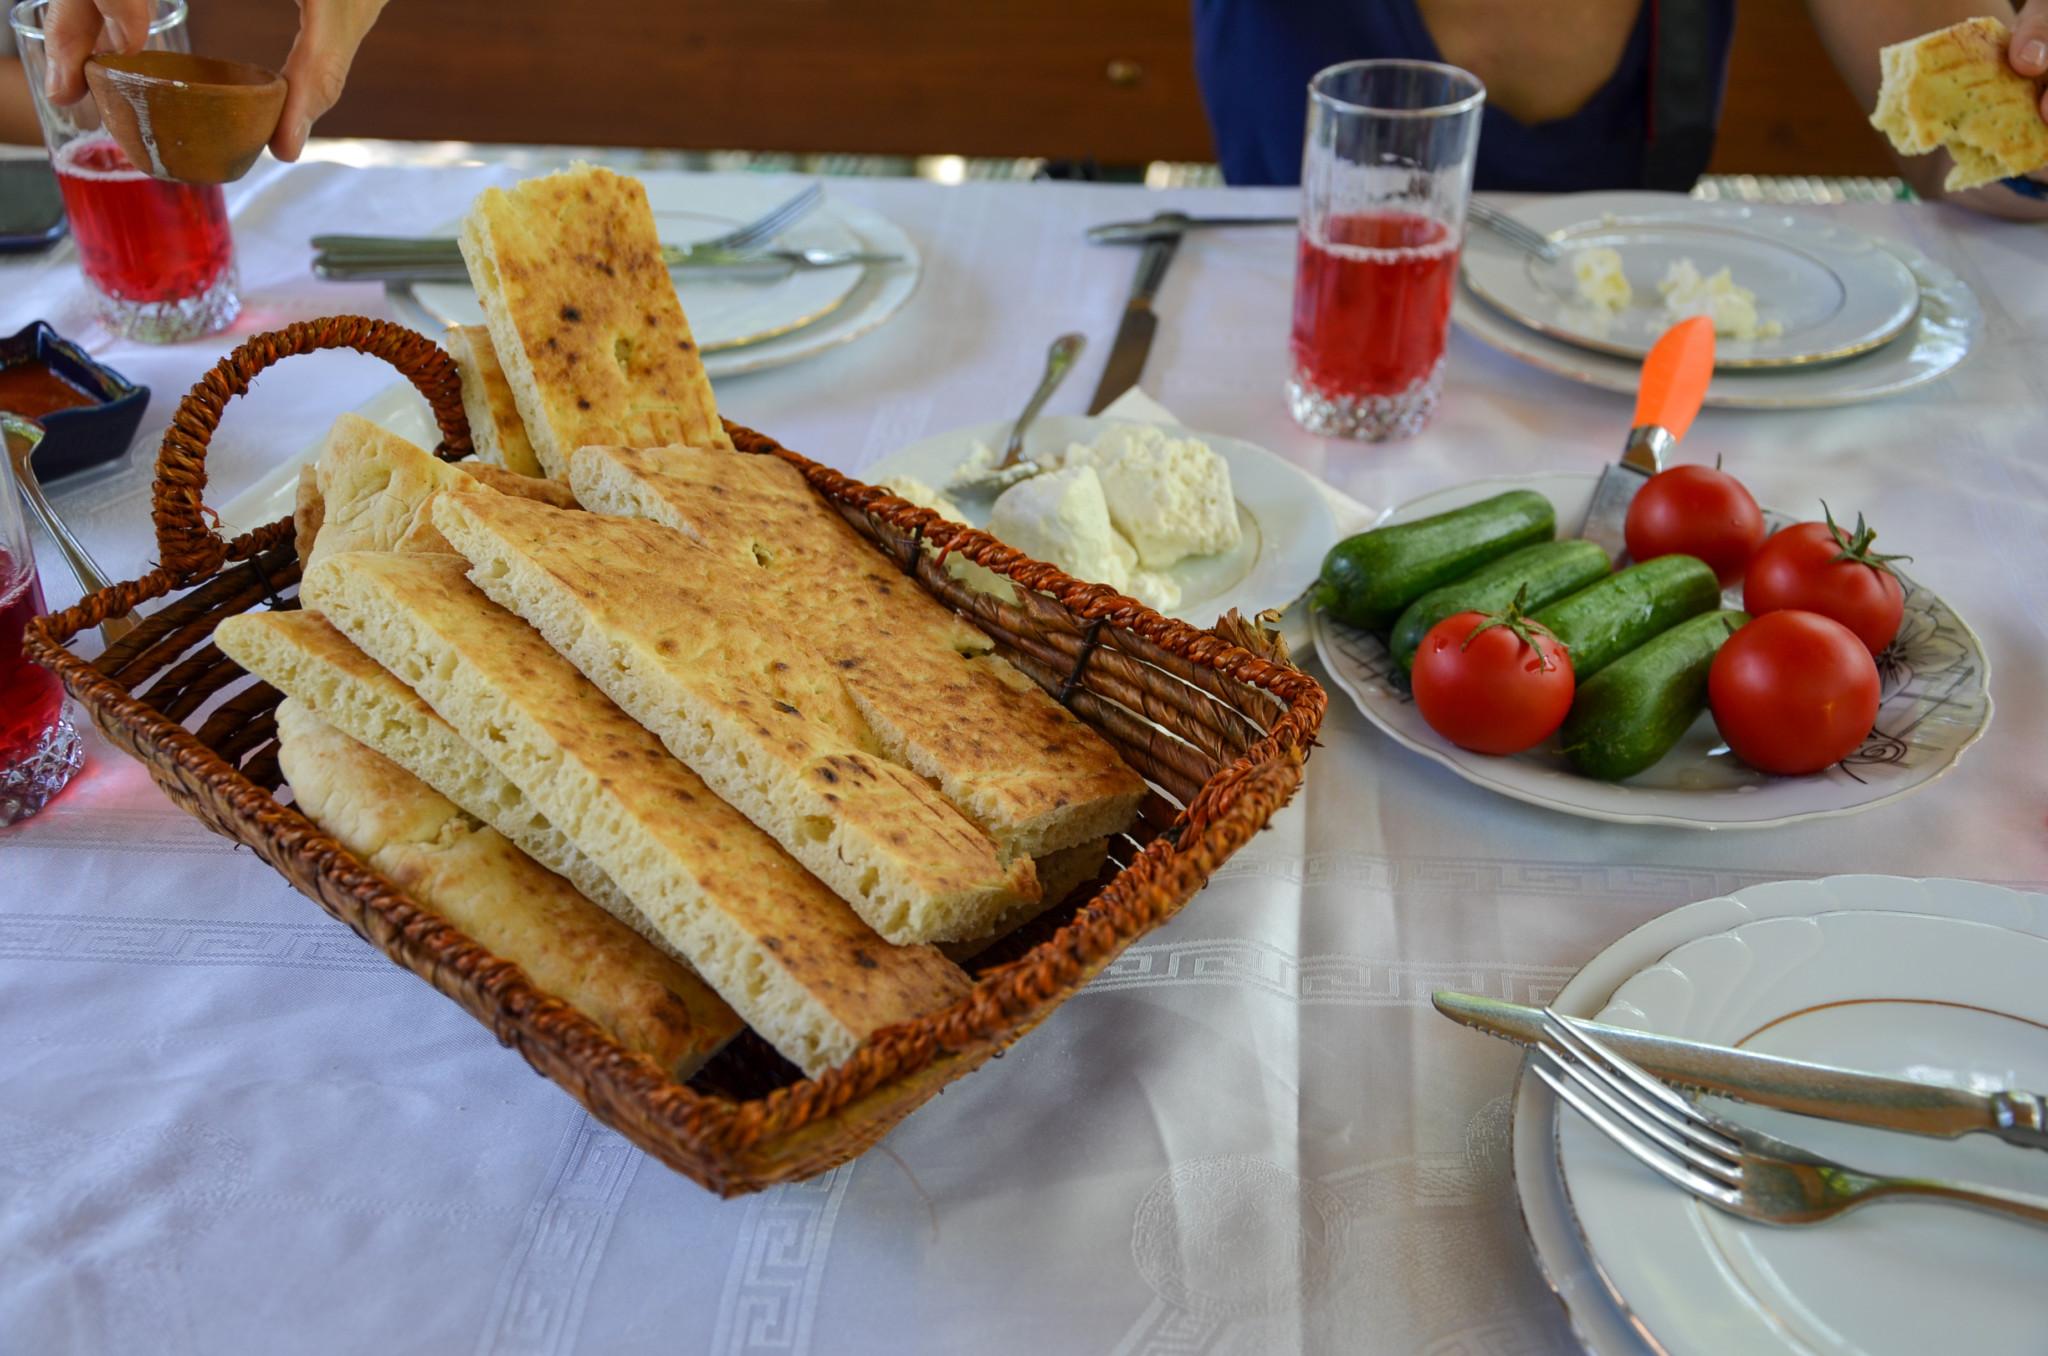 Zu jeder Mahlzeit gibt es Brot und frisches Gemüse